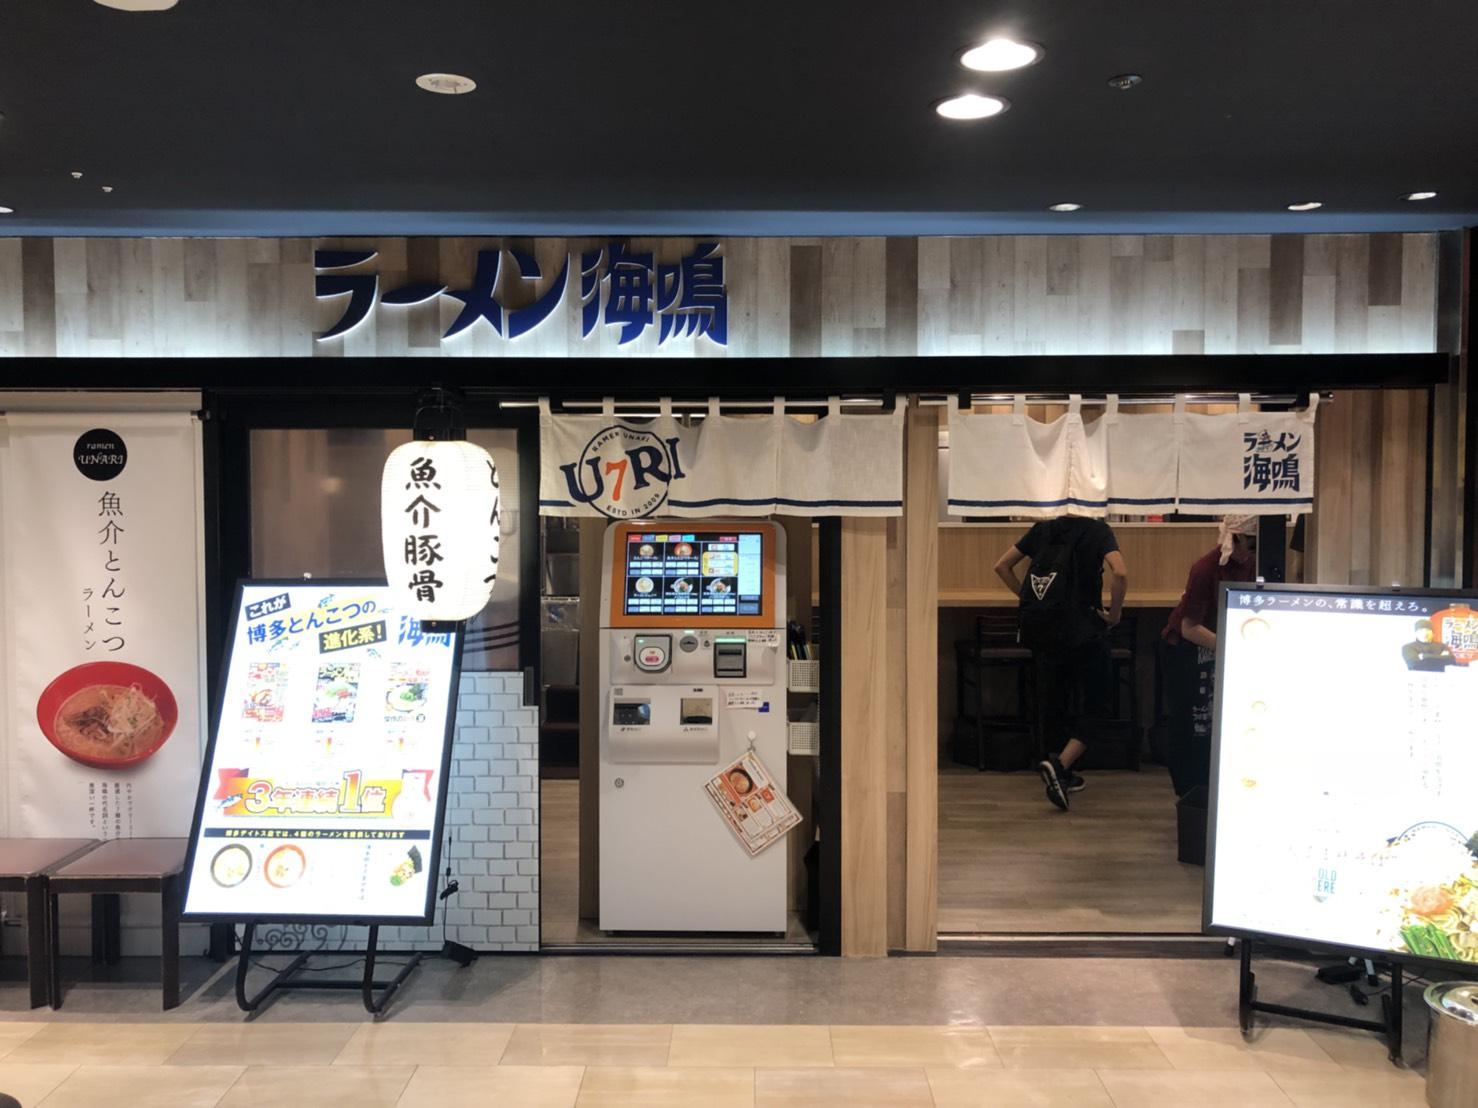 【福岡のラーメン】豚骨ラーメン×ジェノベーゼ!?『ジェノバラーメン』が超オススメ!